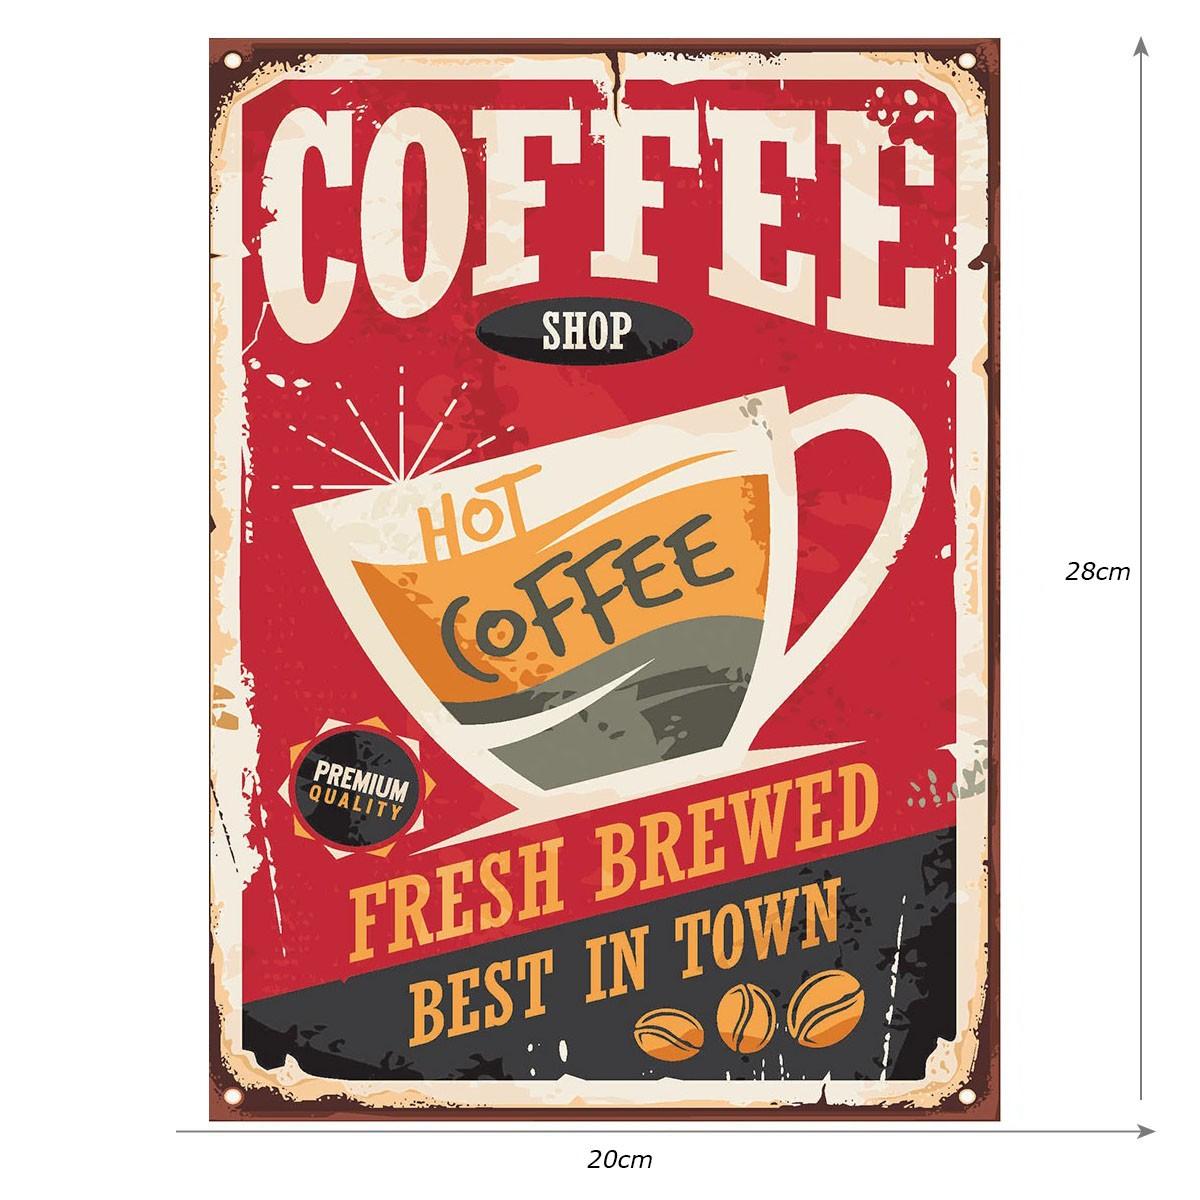 Placa Quadro Decorativo Retro Rústico Café Coffee 20x28cm